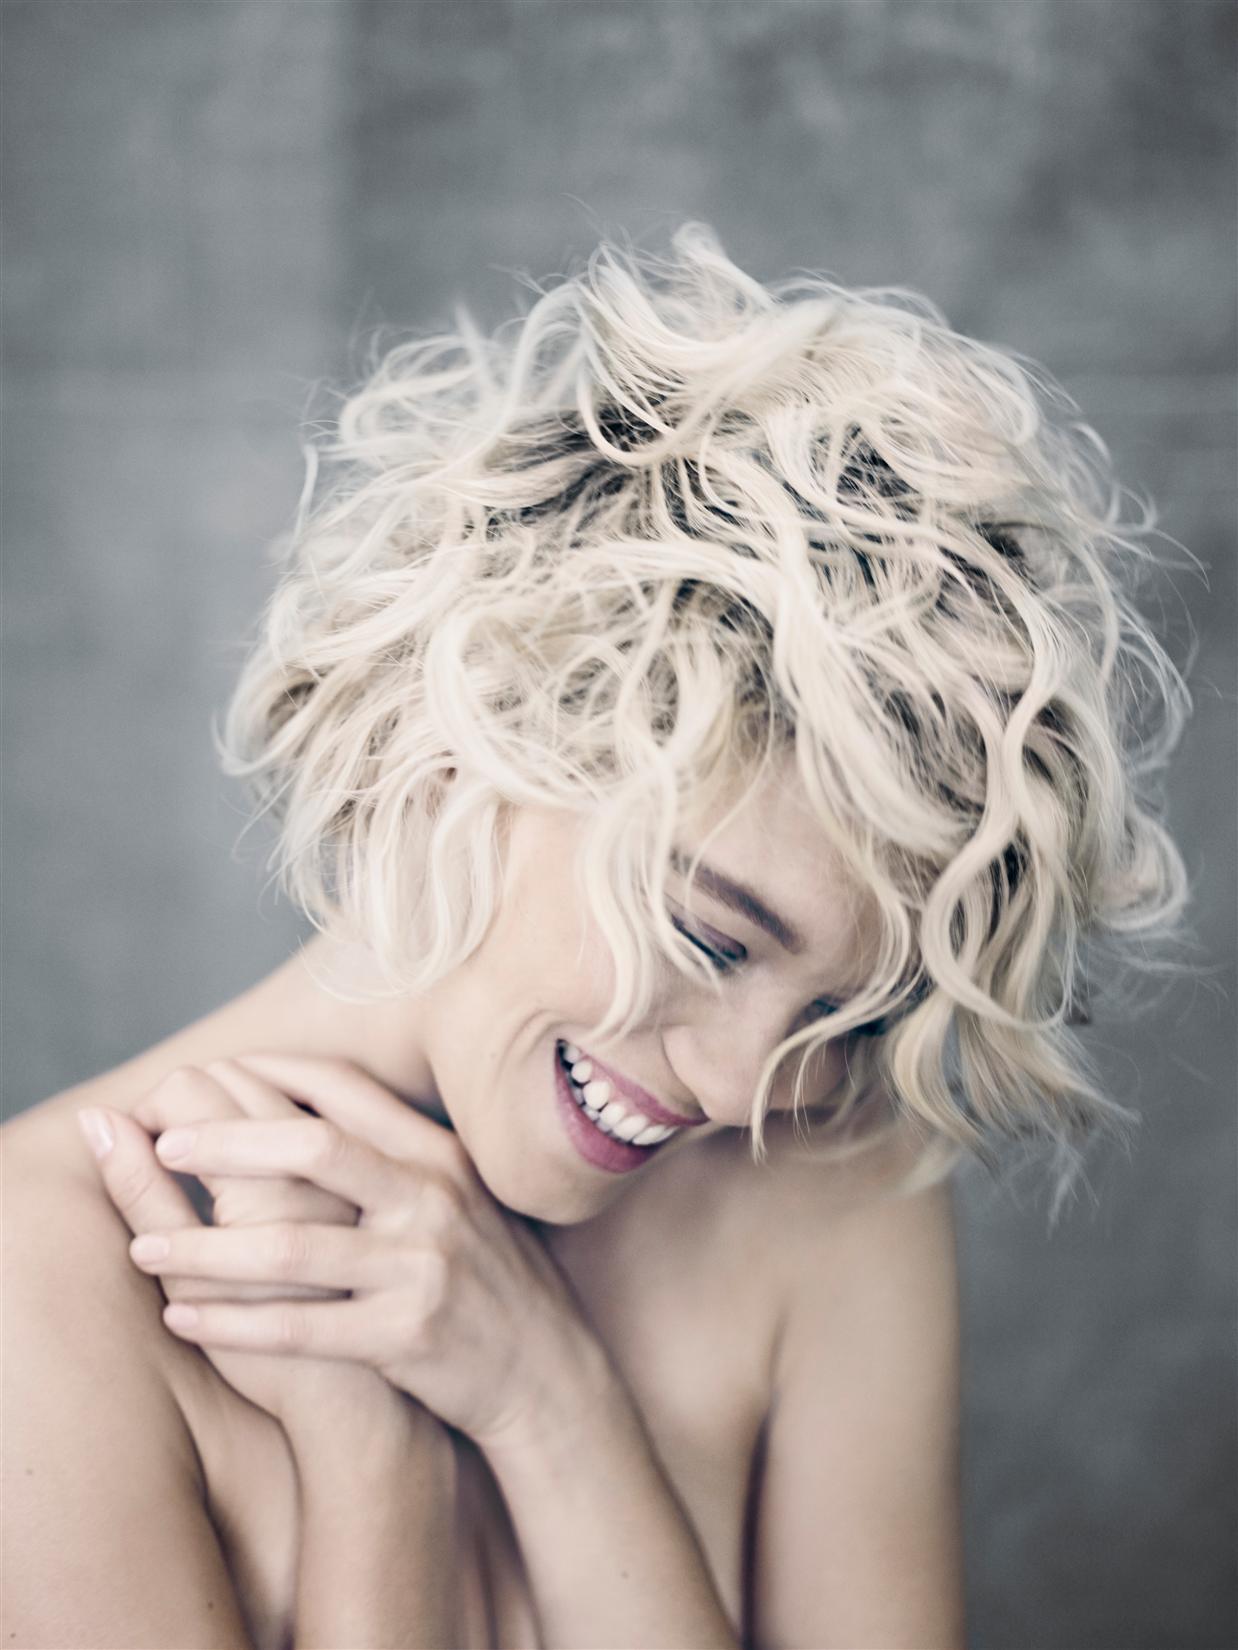 Lea Seydoux - Marie Claire France Photoshoot - 2013